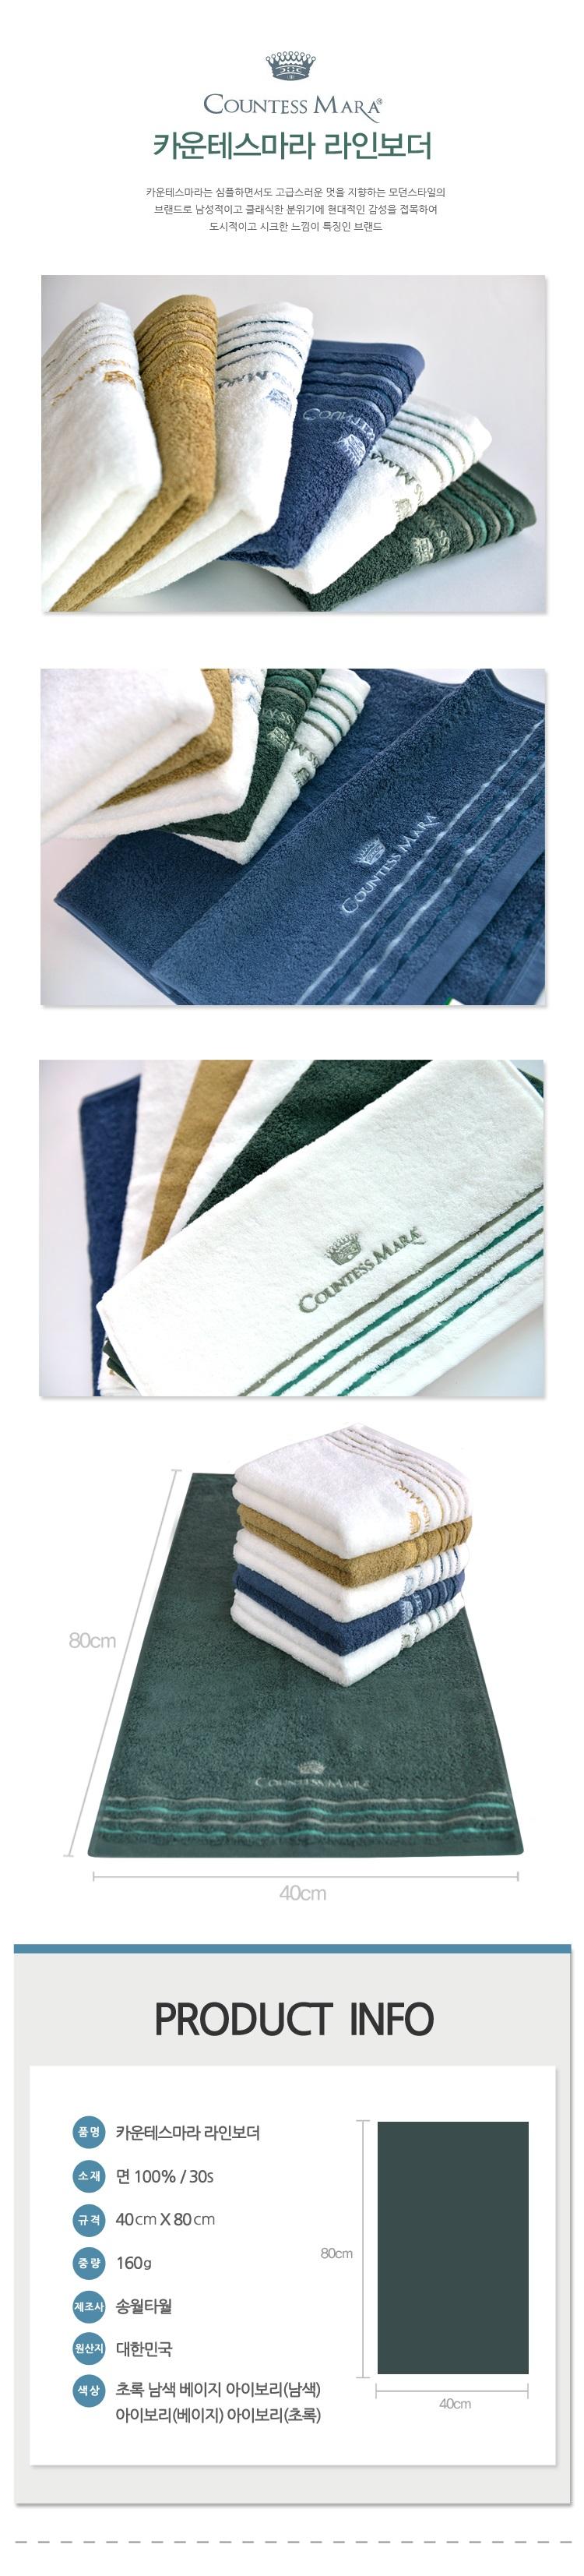 카운테스마라 라인보더 1매(40cmx80cm) - 송월타올, 6,800원, 수건/타올, 세면타올